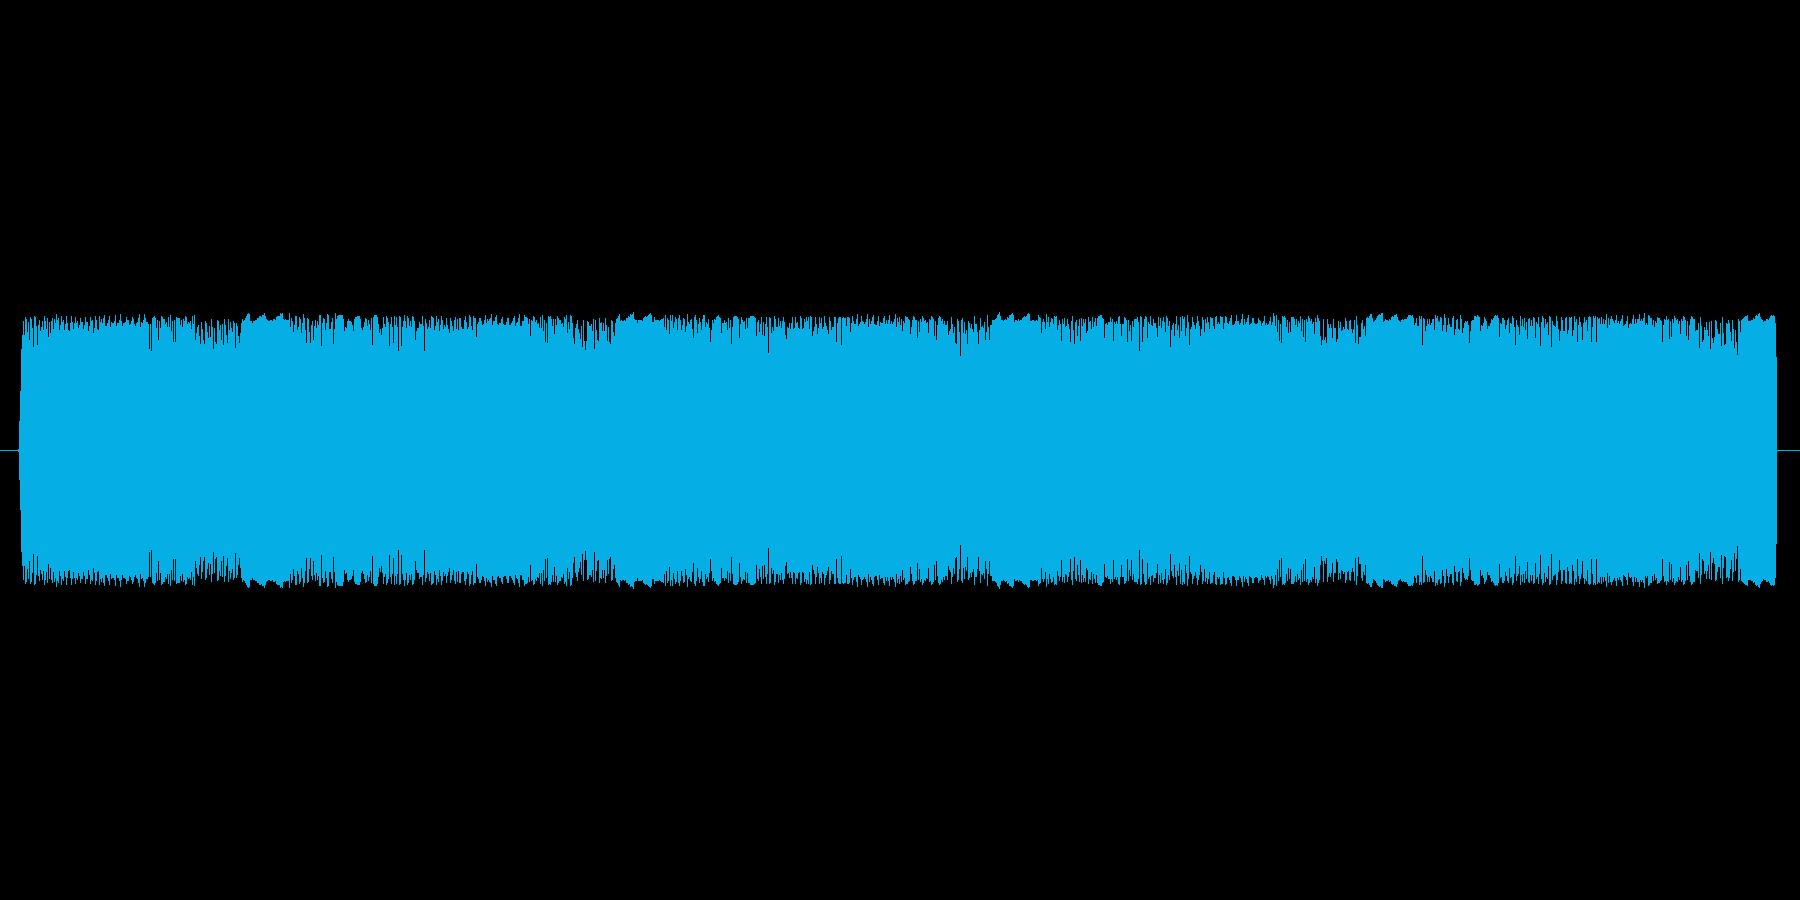 【電子音、アナログ】アラーム音の再生済みの波形